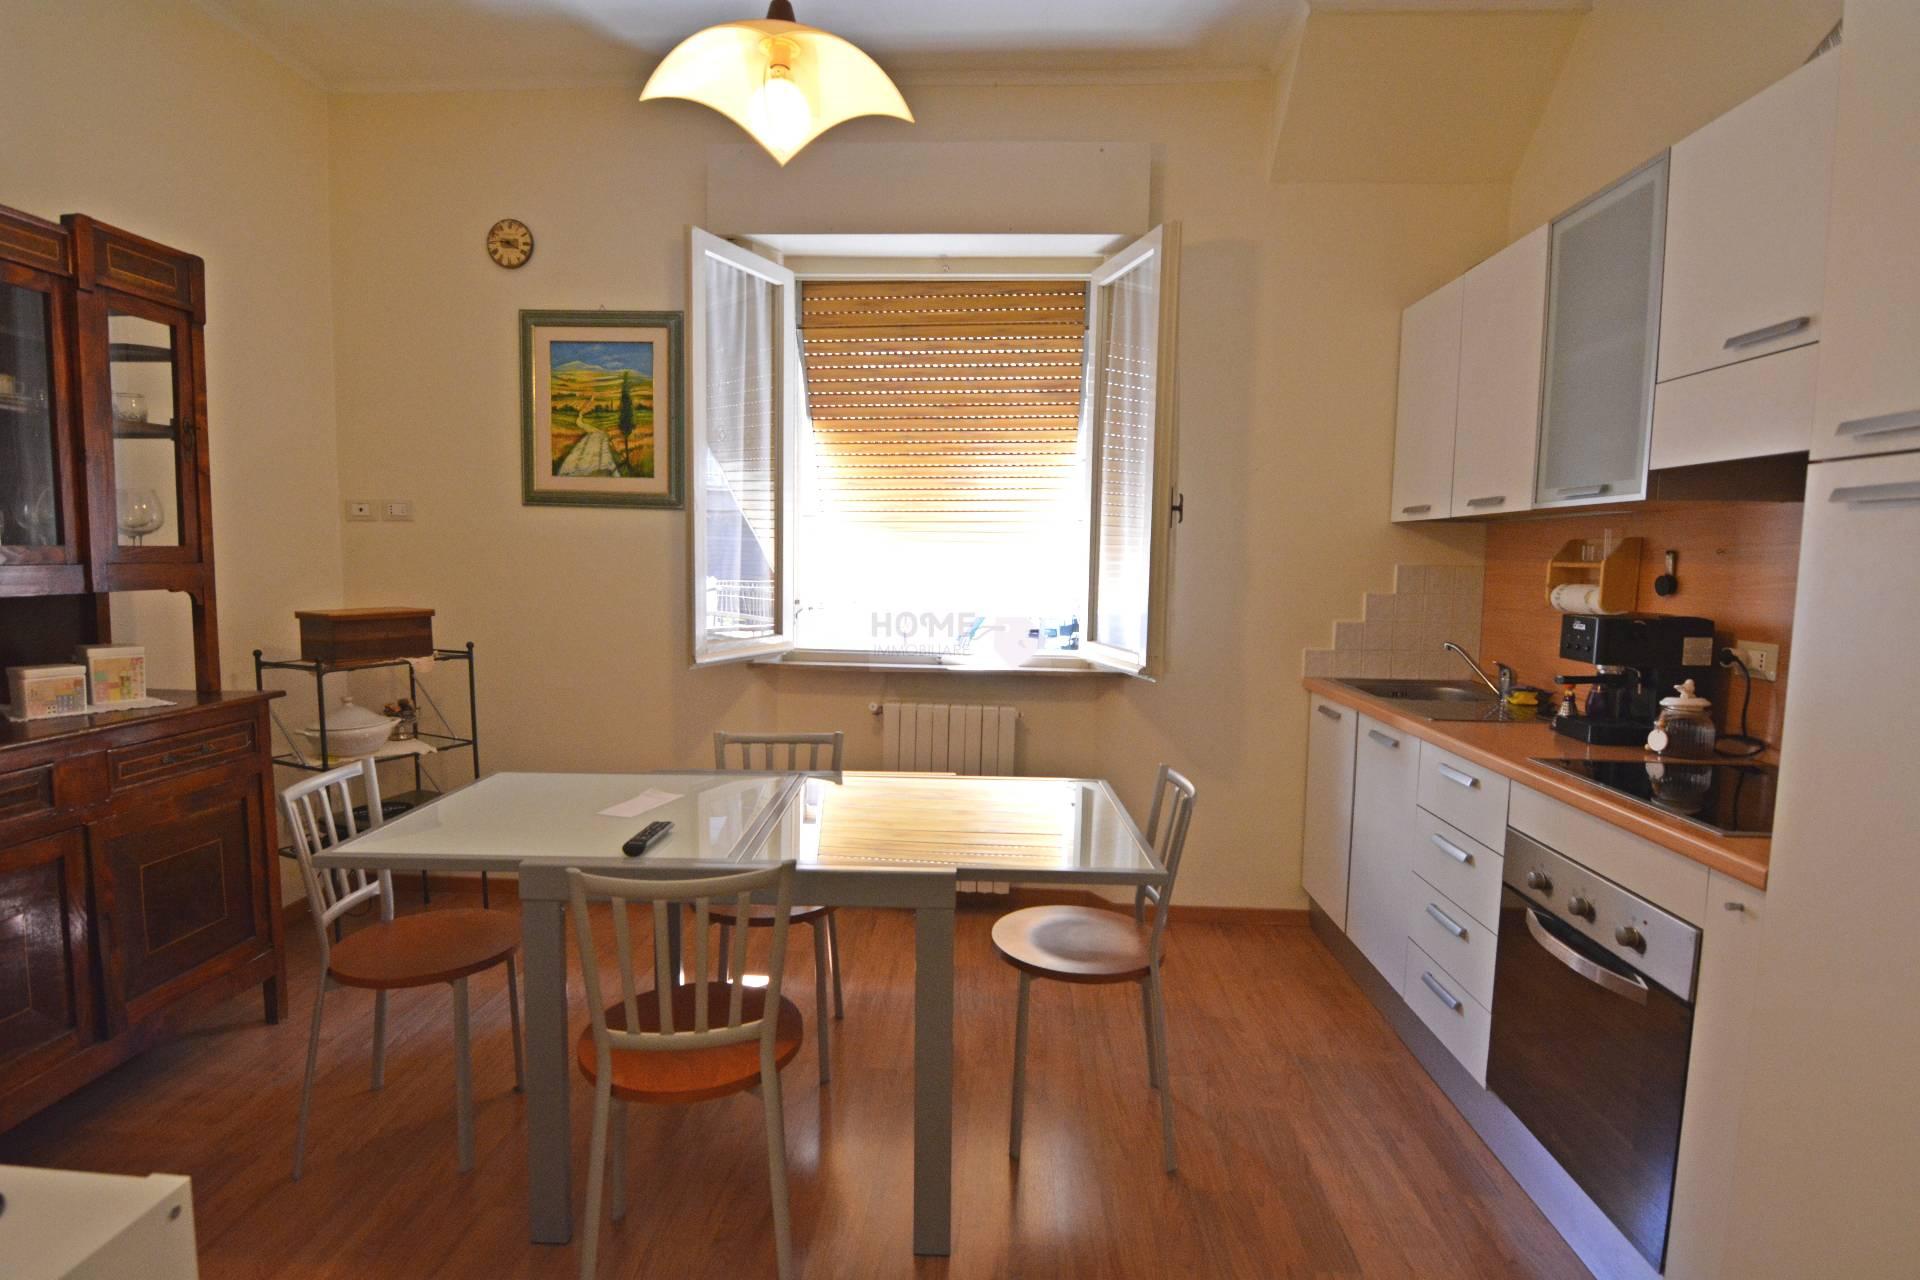 Appartamento in vendita a Macerata, 4 locali, zona Zona: Semicentrale, prezzo € 80.000 | Cambio Casa.it